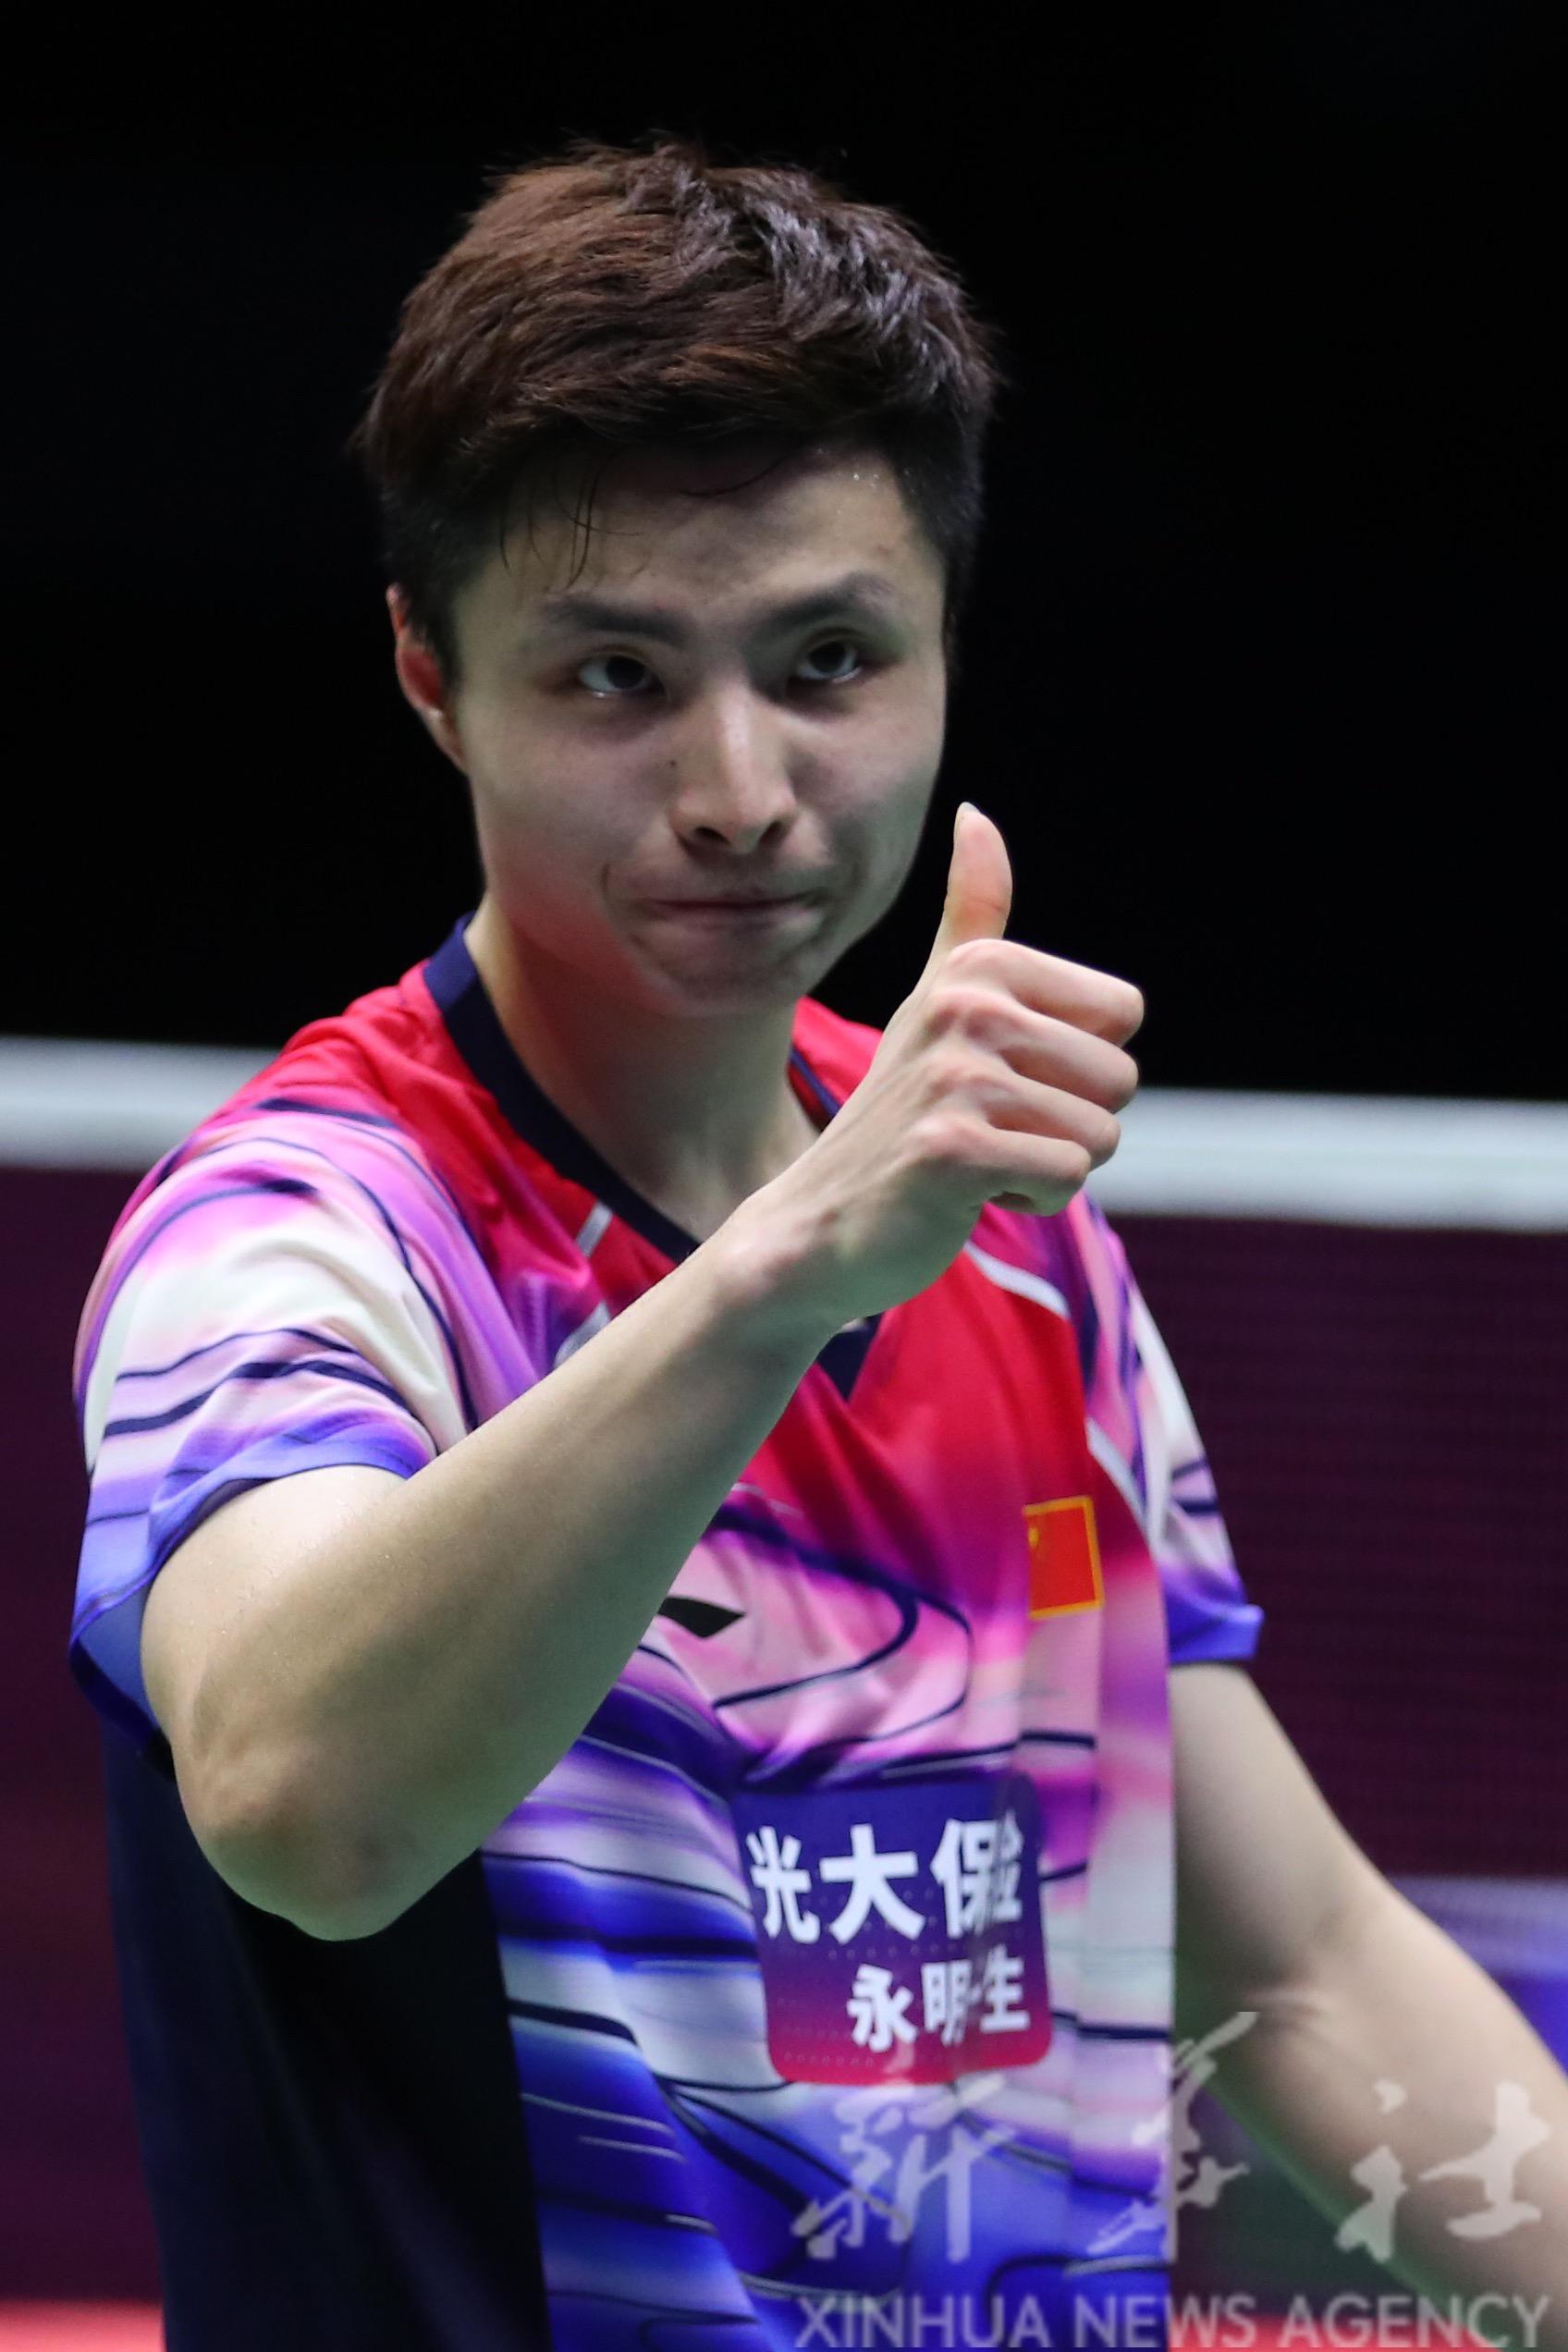 羽毛球——苏迪曼杯半决赛:中国队晋级决赛